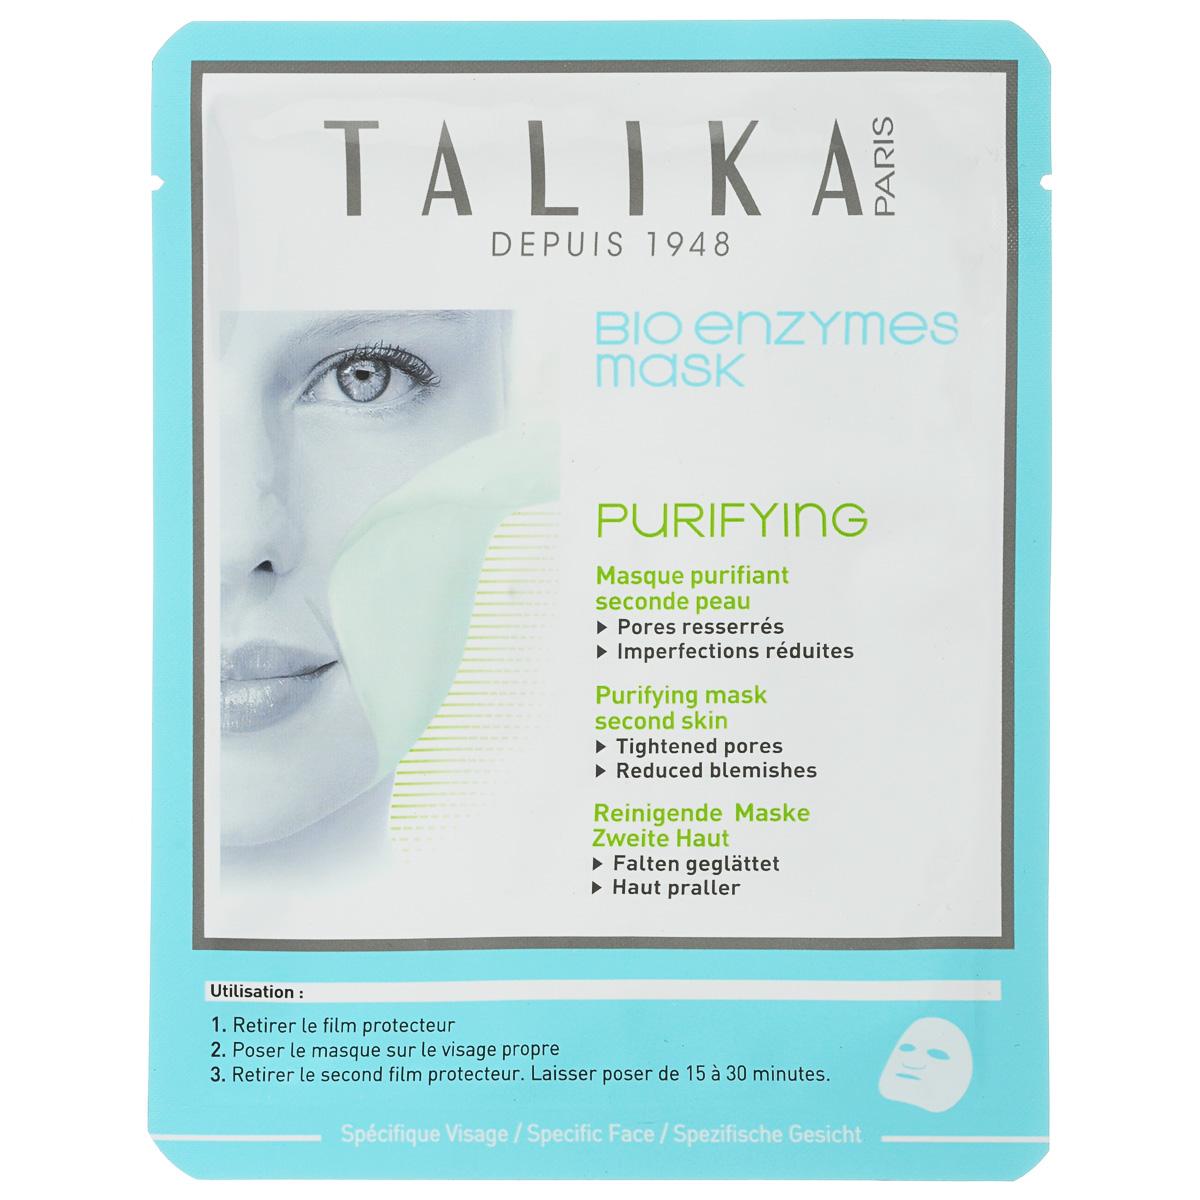 Talika Маска для лица Bio Enzymes, очищающая, 20 гFS-36054Очищающая маска для лица Bio Enzymes. Экстракт корицы и арника горная придают матовость коже, успокаивают, сужают поры. Орех органовый смягчает и защищает кожу благодаря витамину E.